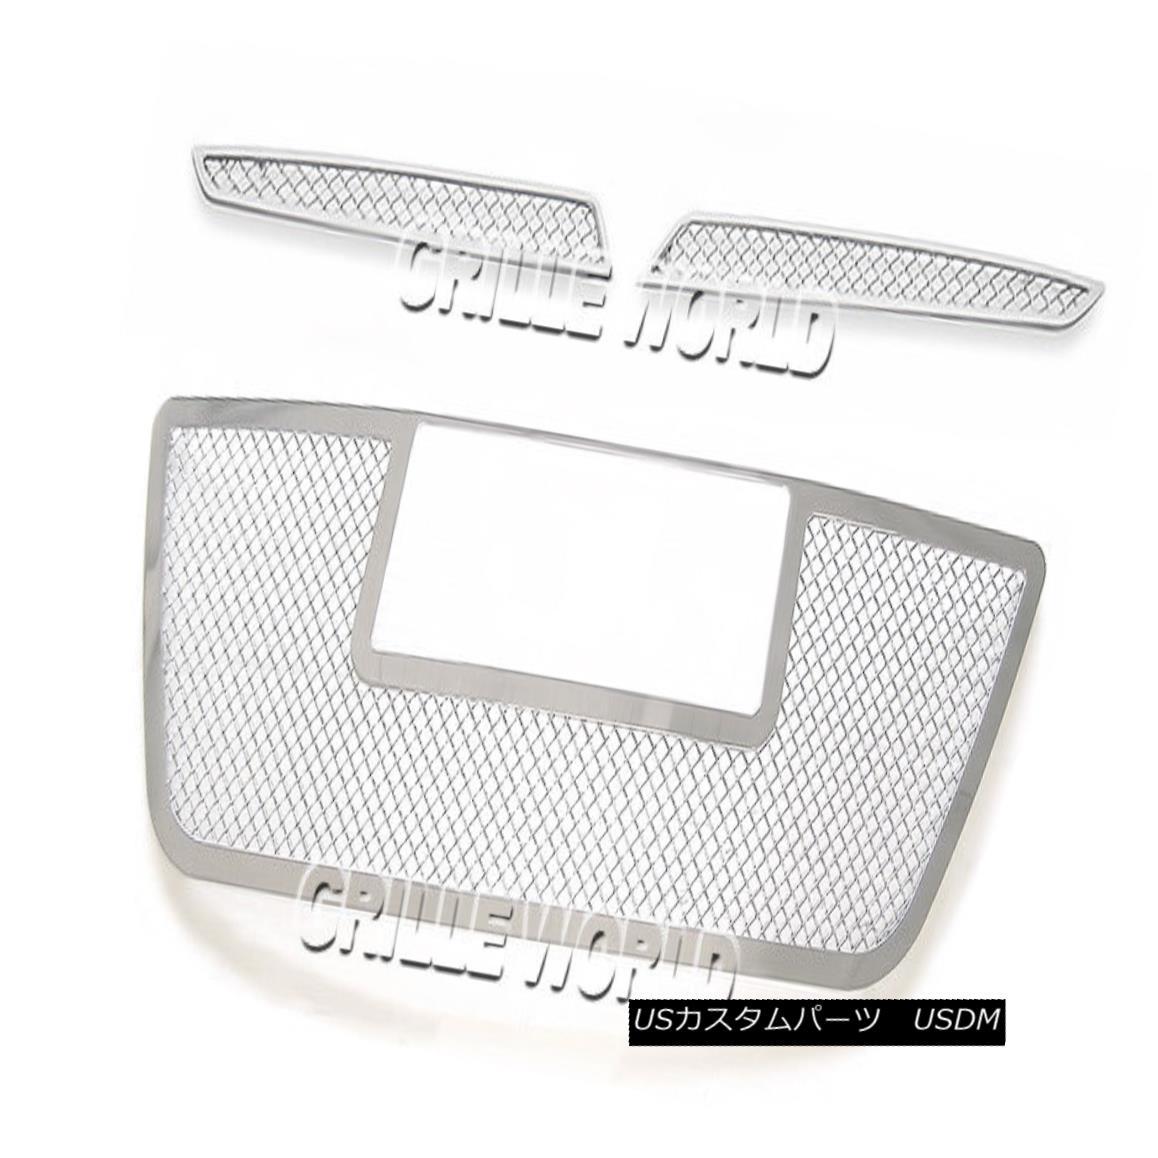 グリル For 09-12 Hyundai Elantra Touring Stainless Steel Mesh Premium Grille Combo 09-12現代エラントラツーリングステンレスメッシュプレミアムグリルコンボ用